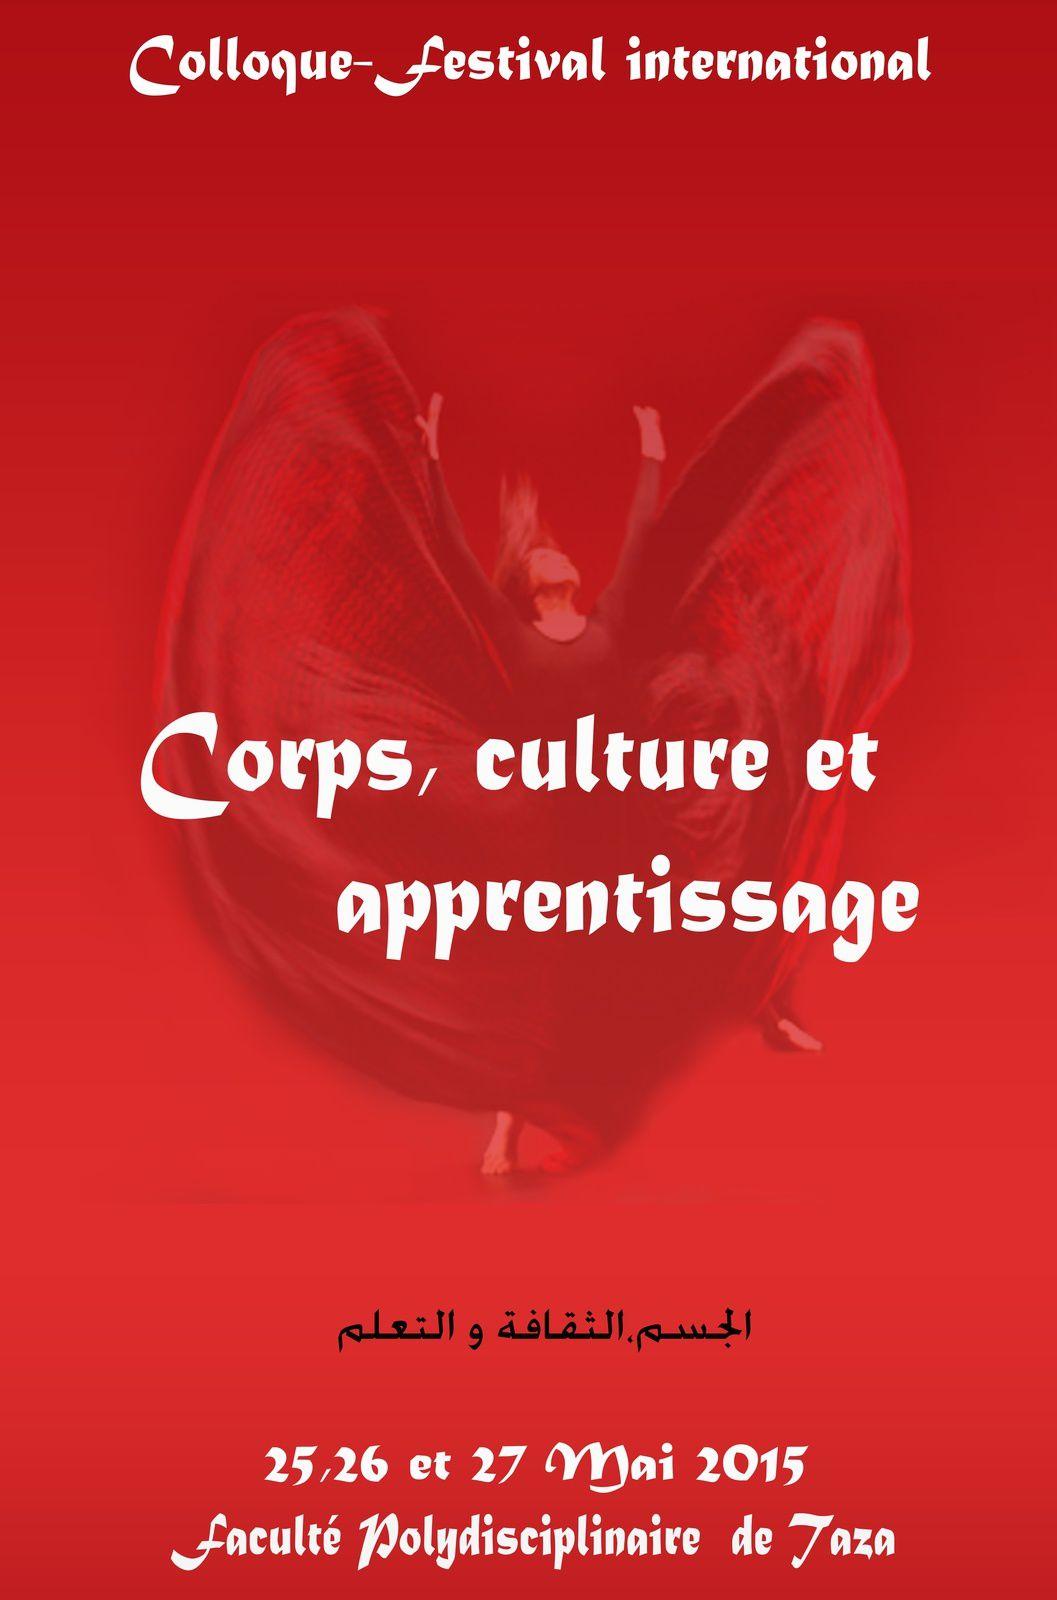 Colloque : Corps, culture et apprentissage (Taza/Maroc les 25, 26 & 27 mai 2015)